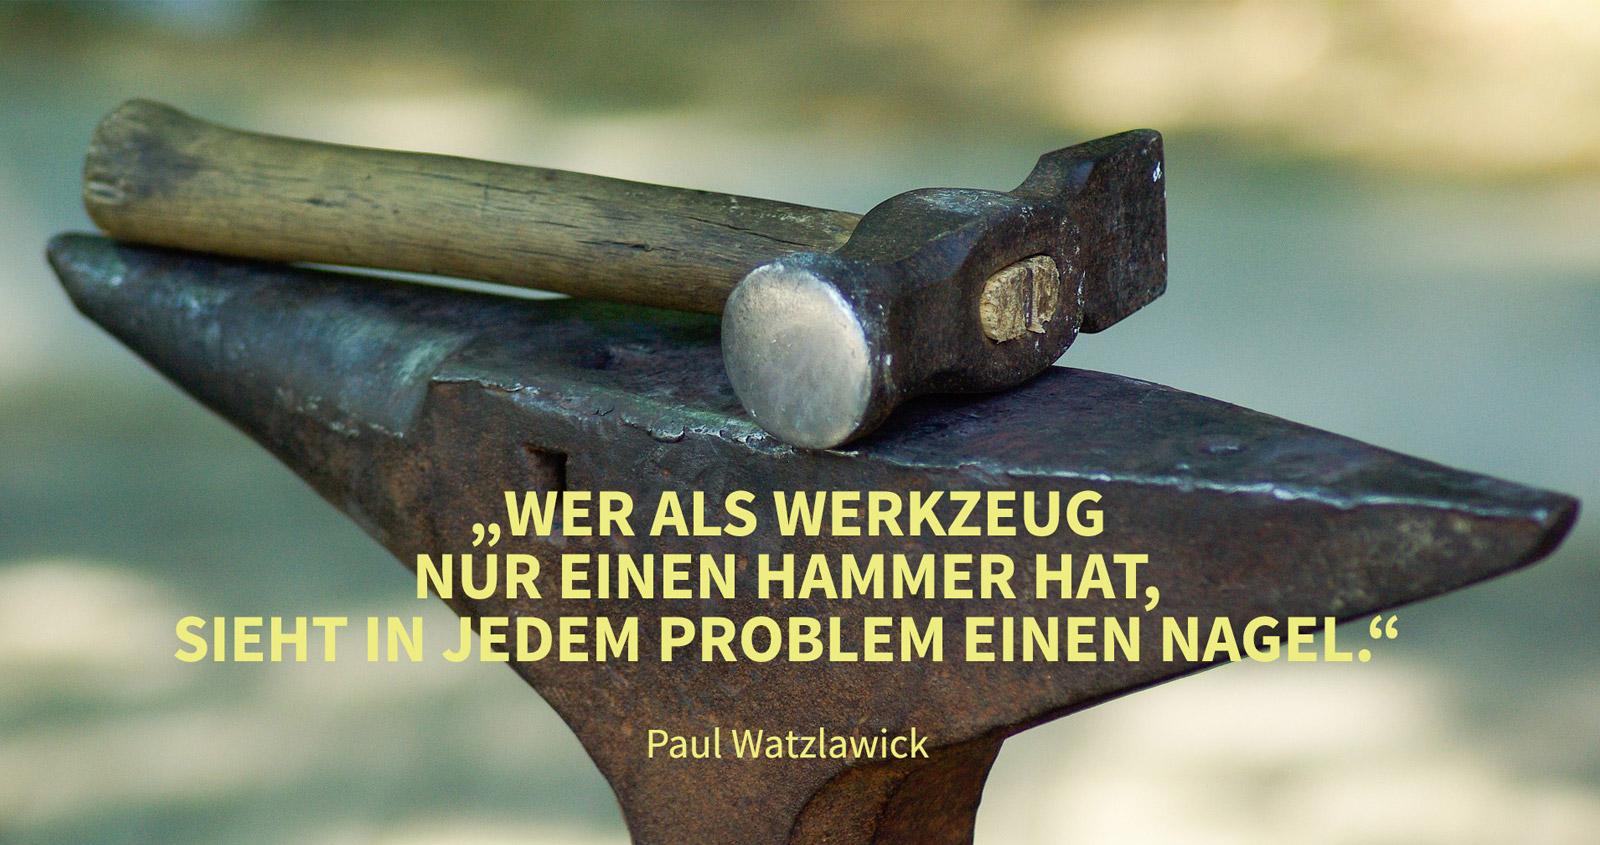 Wer als Werkzeug nur einen Hammer hat, sieht in jedem Problem einen Nagel - Paul Watzlawick